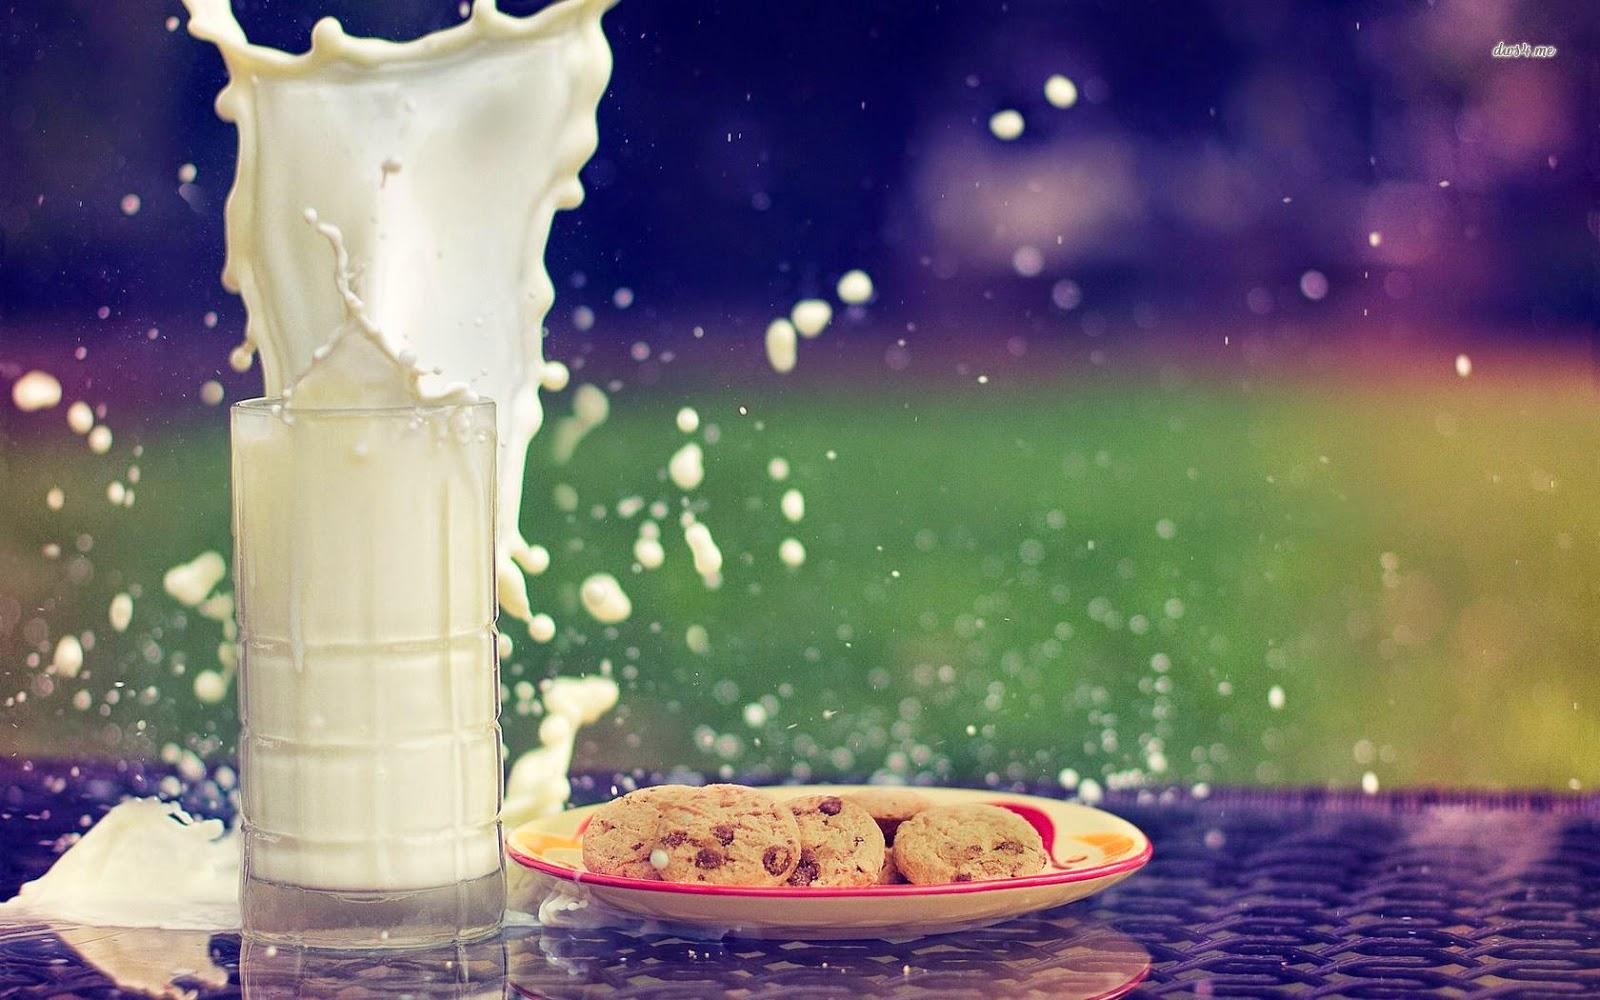 الحليب كامل الدسم لزيادة الوزن